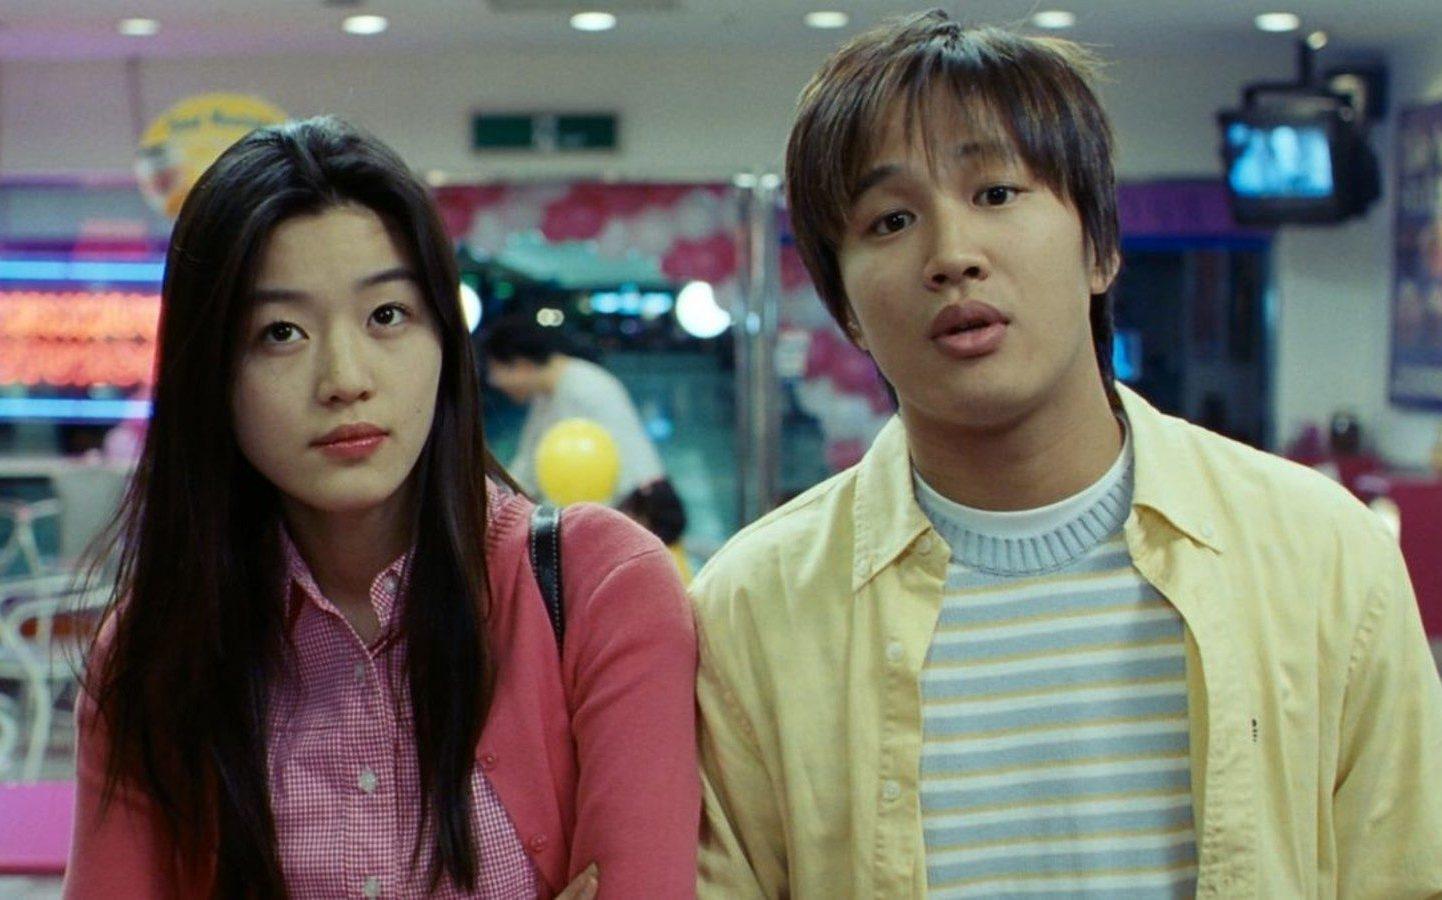 Hospital Playlist - Phim tình cảm Hàn Quốc hay năm 2021